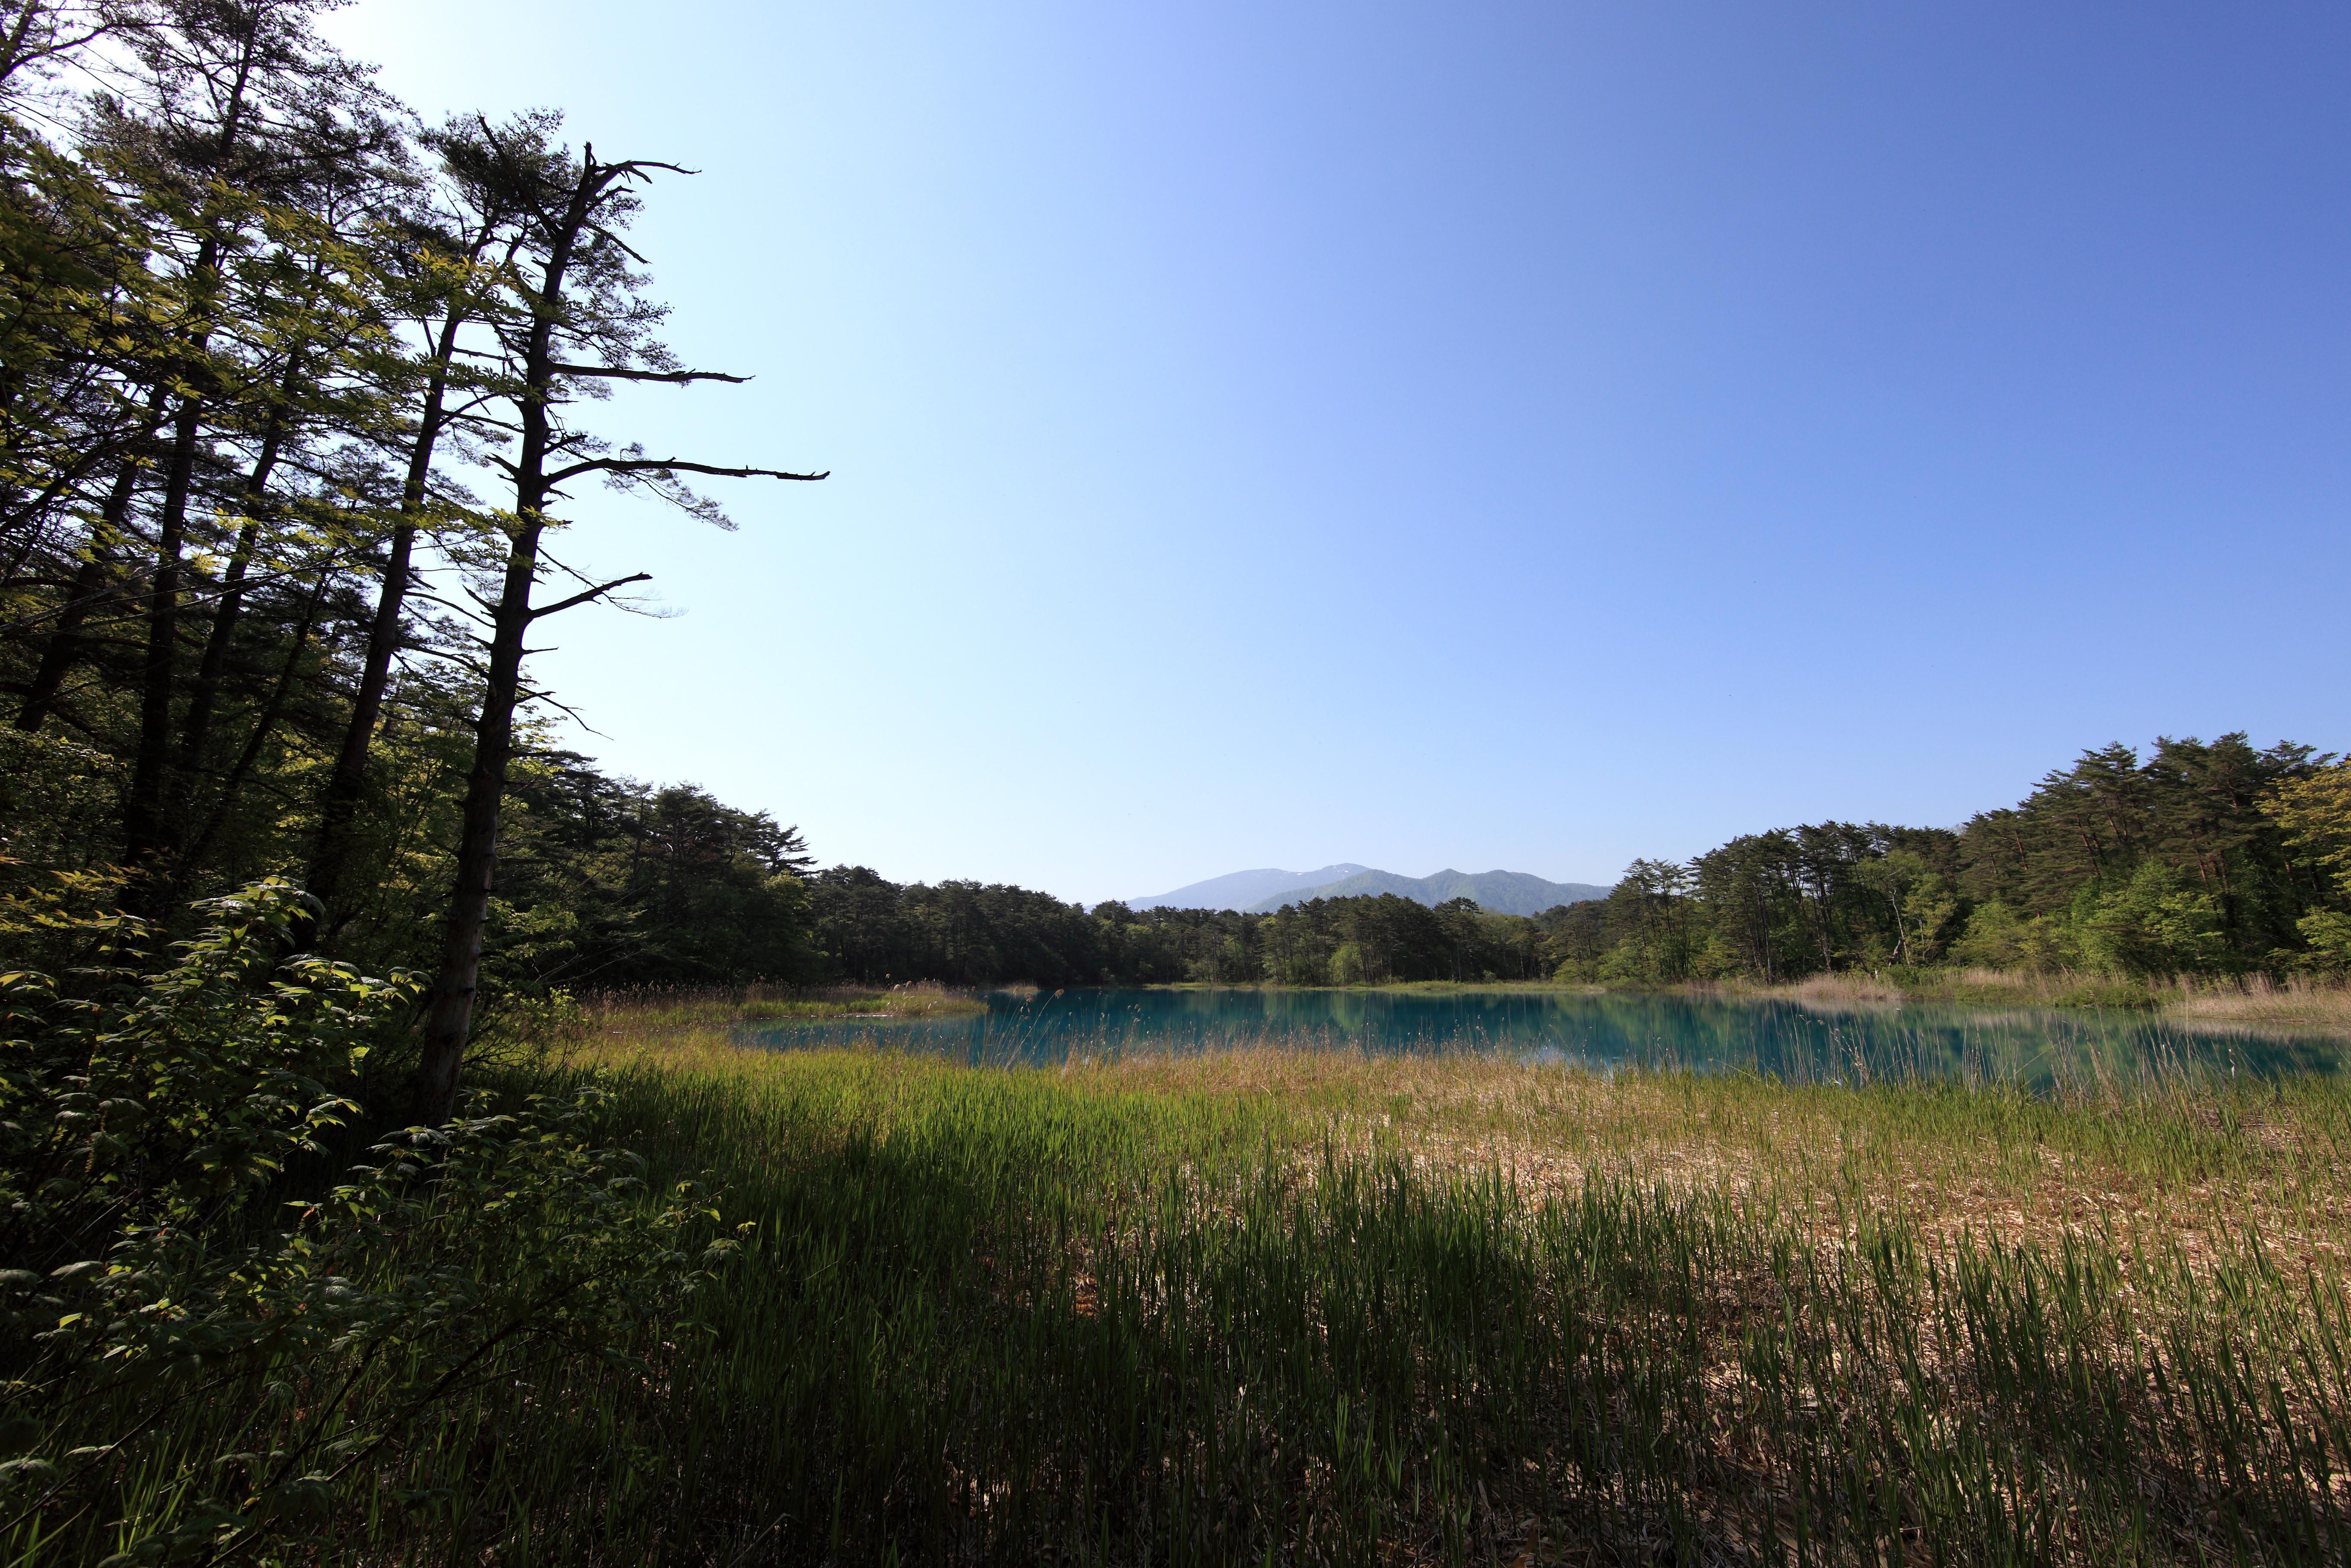 Image Libre Paysage Arbre Nature Ciel Champ Herbe Pr T Terre